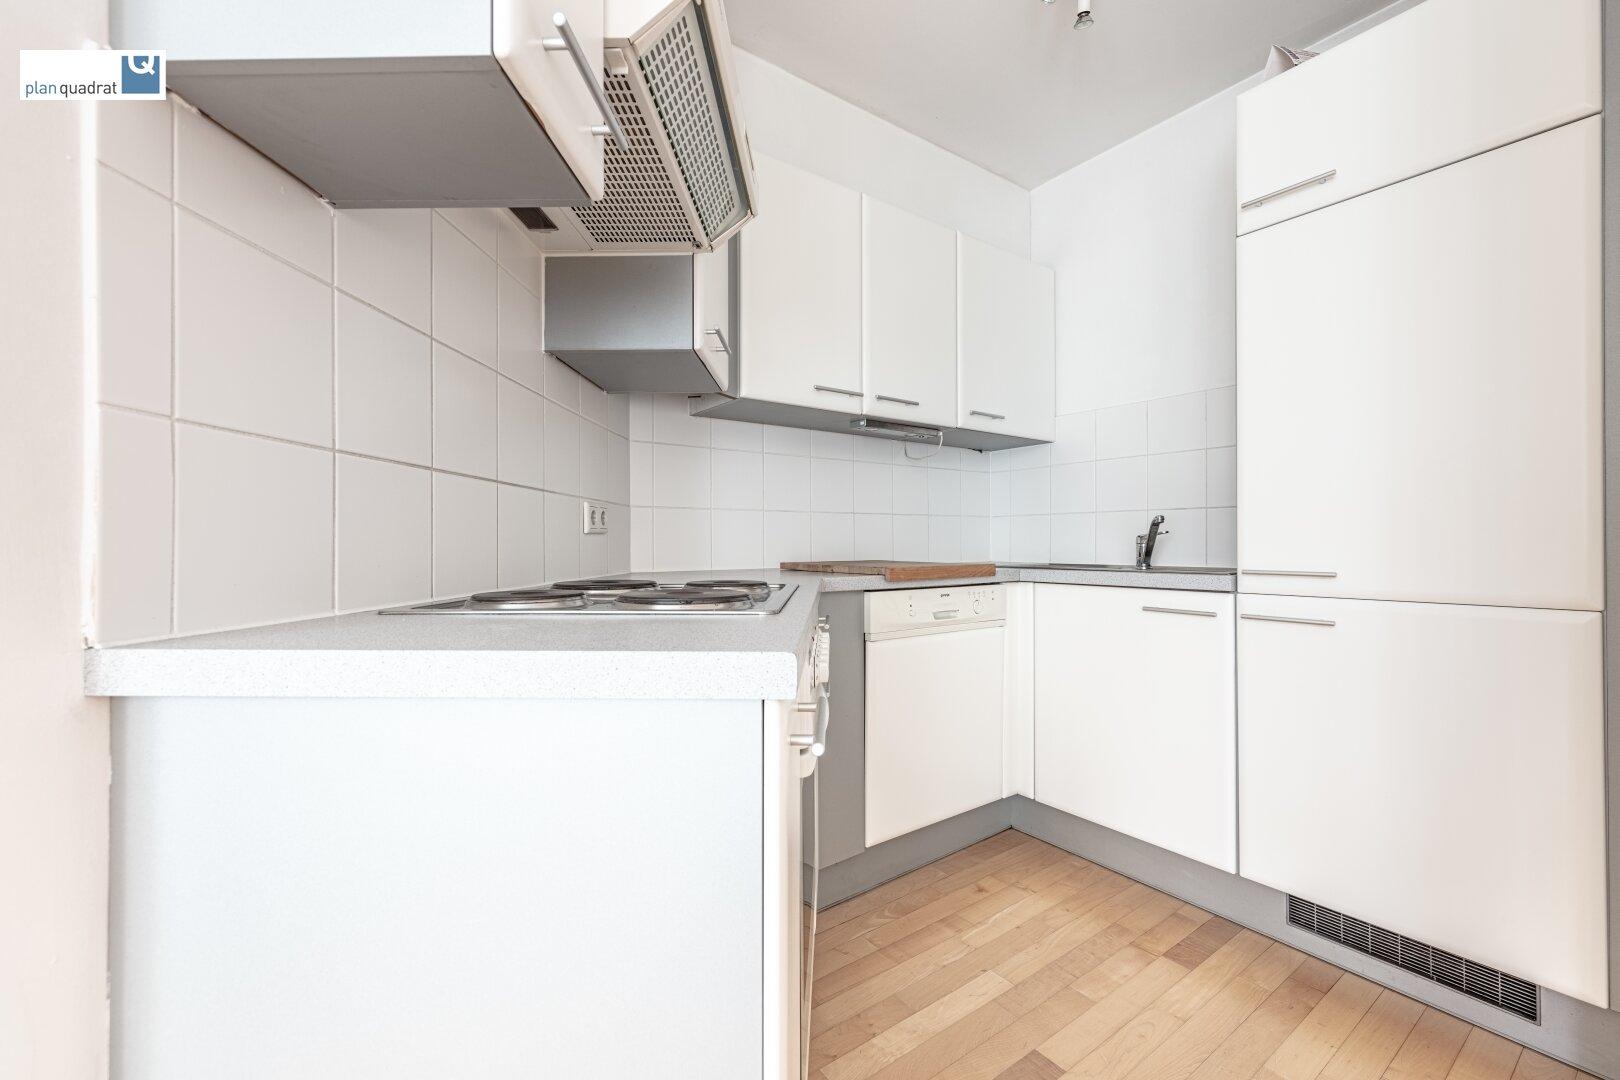 Küche (ca. 4,00 m²) mit E-Herd und Backofen, Dunstabzug, Geschirrspüler & Kühlschrank mit Gefrierfach